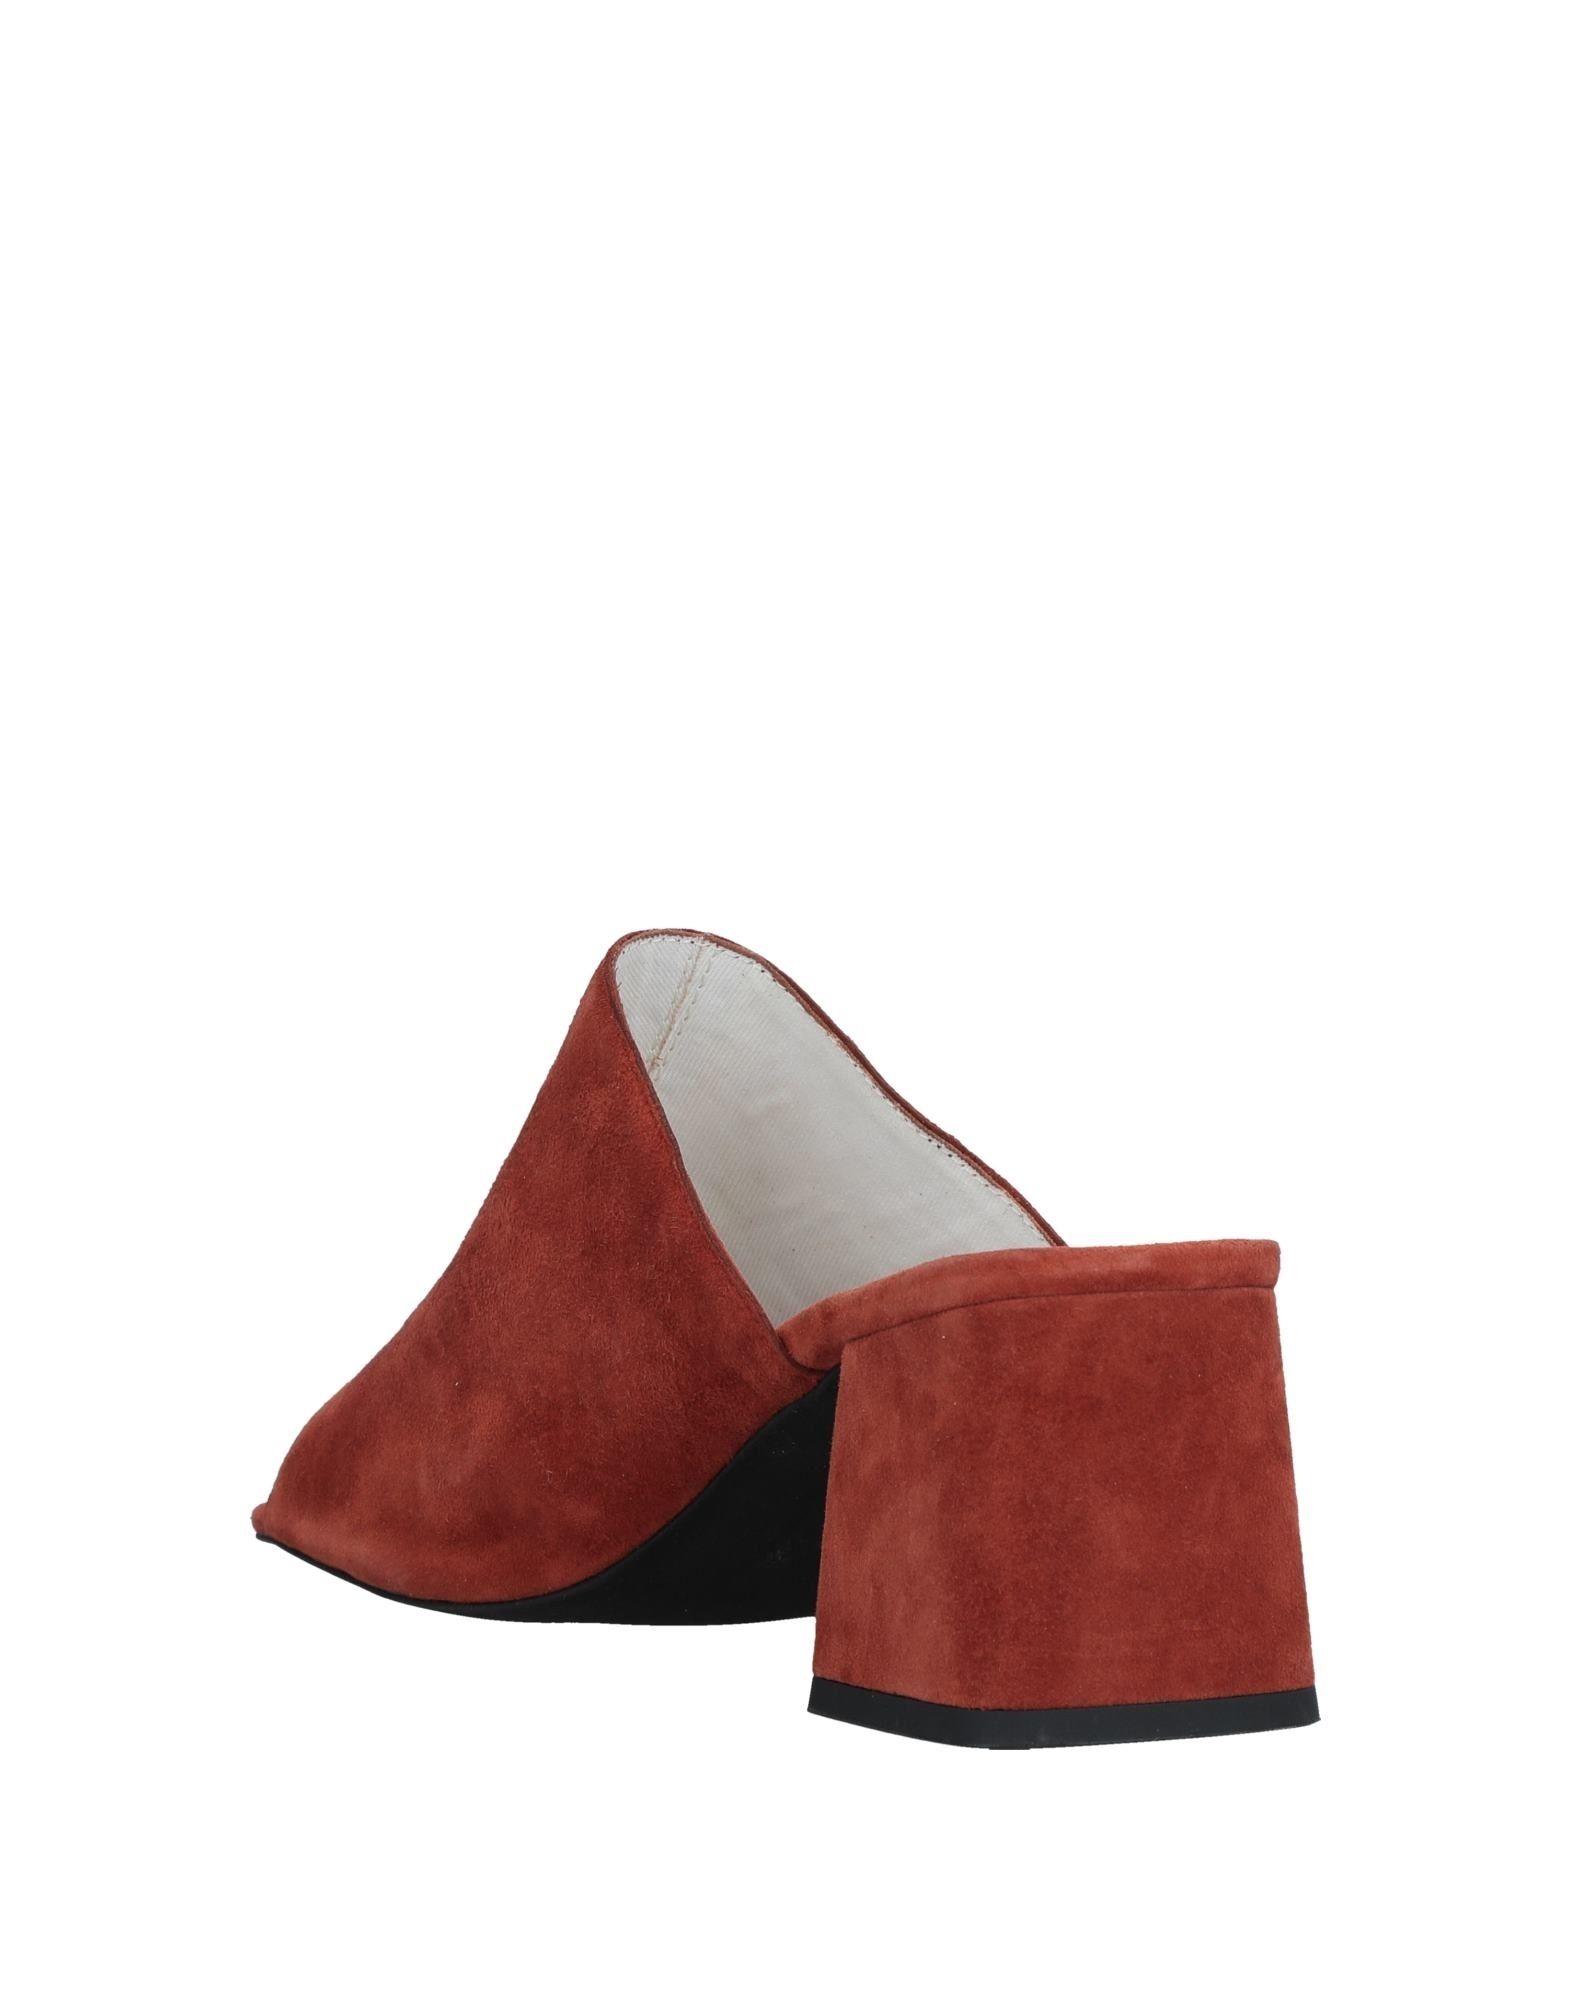 Jeffrey Campbell Sandalen Damen  11536069GB Gute Qualität beliebte Schuhe